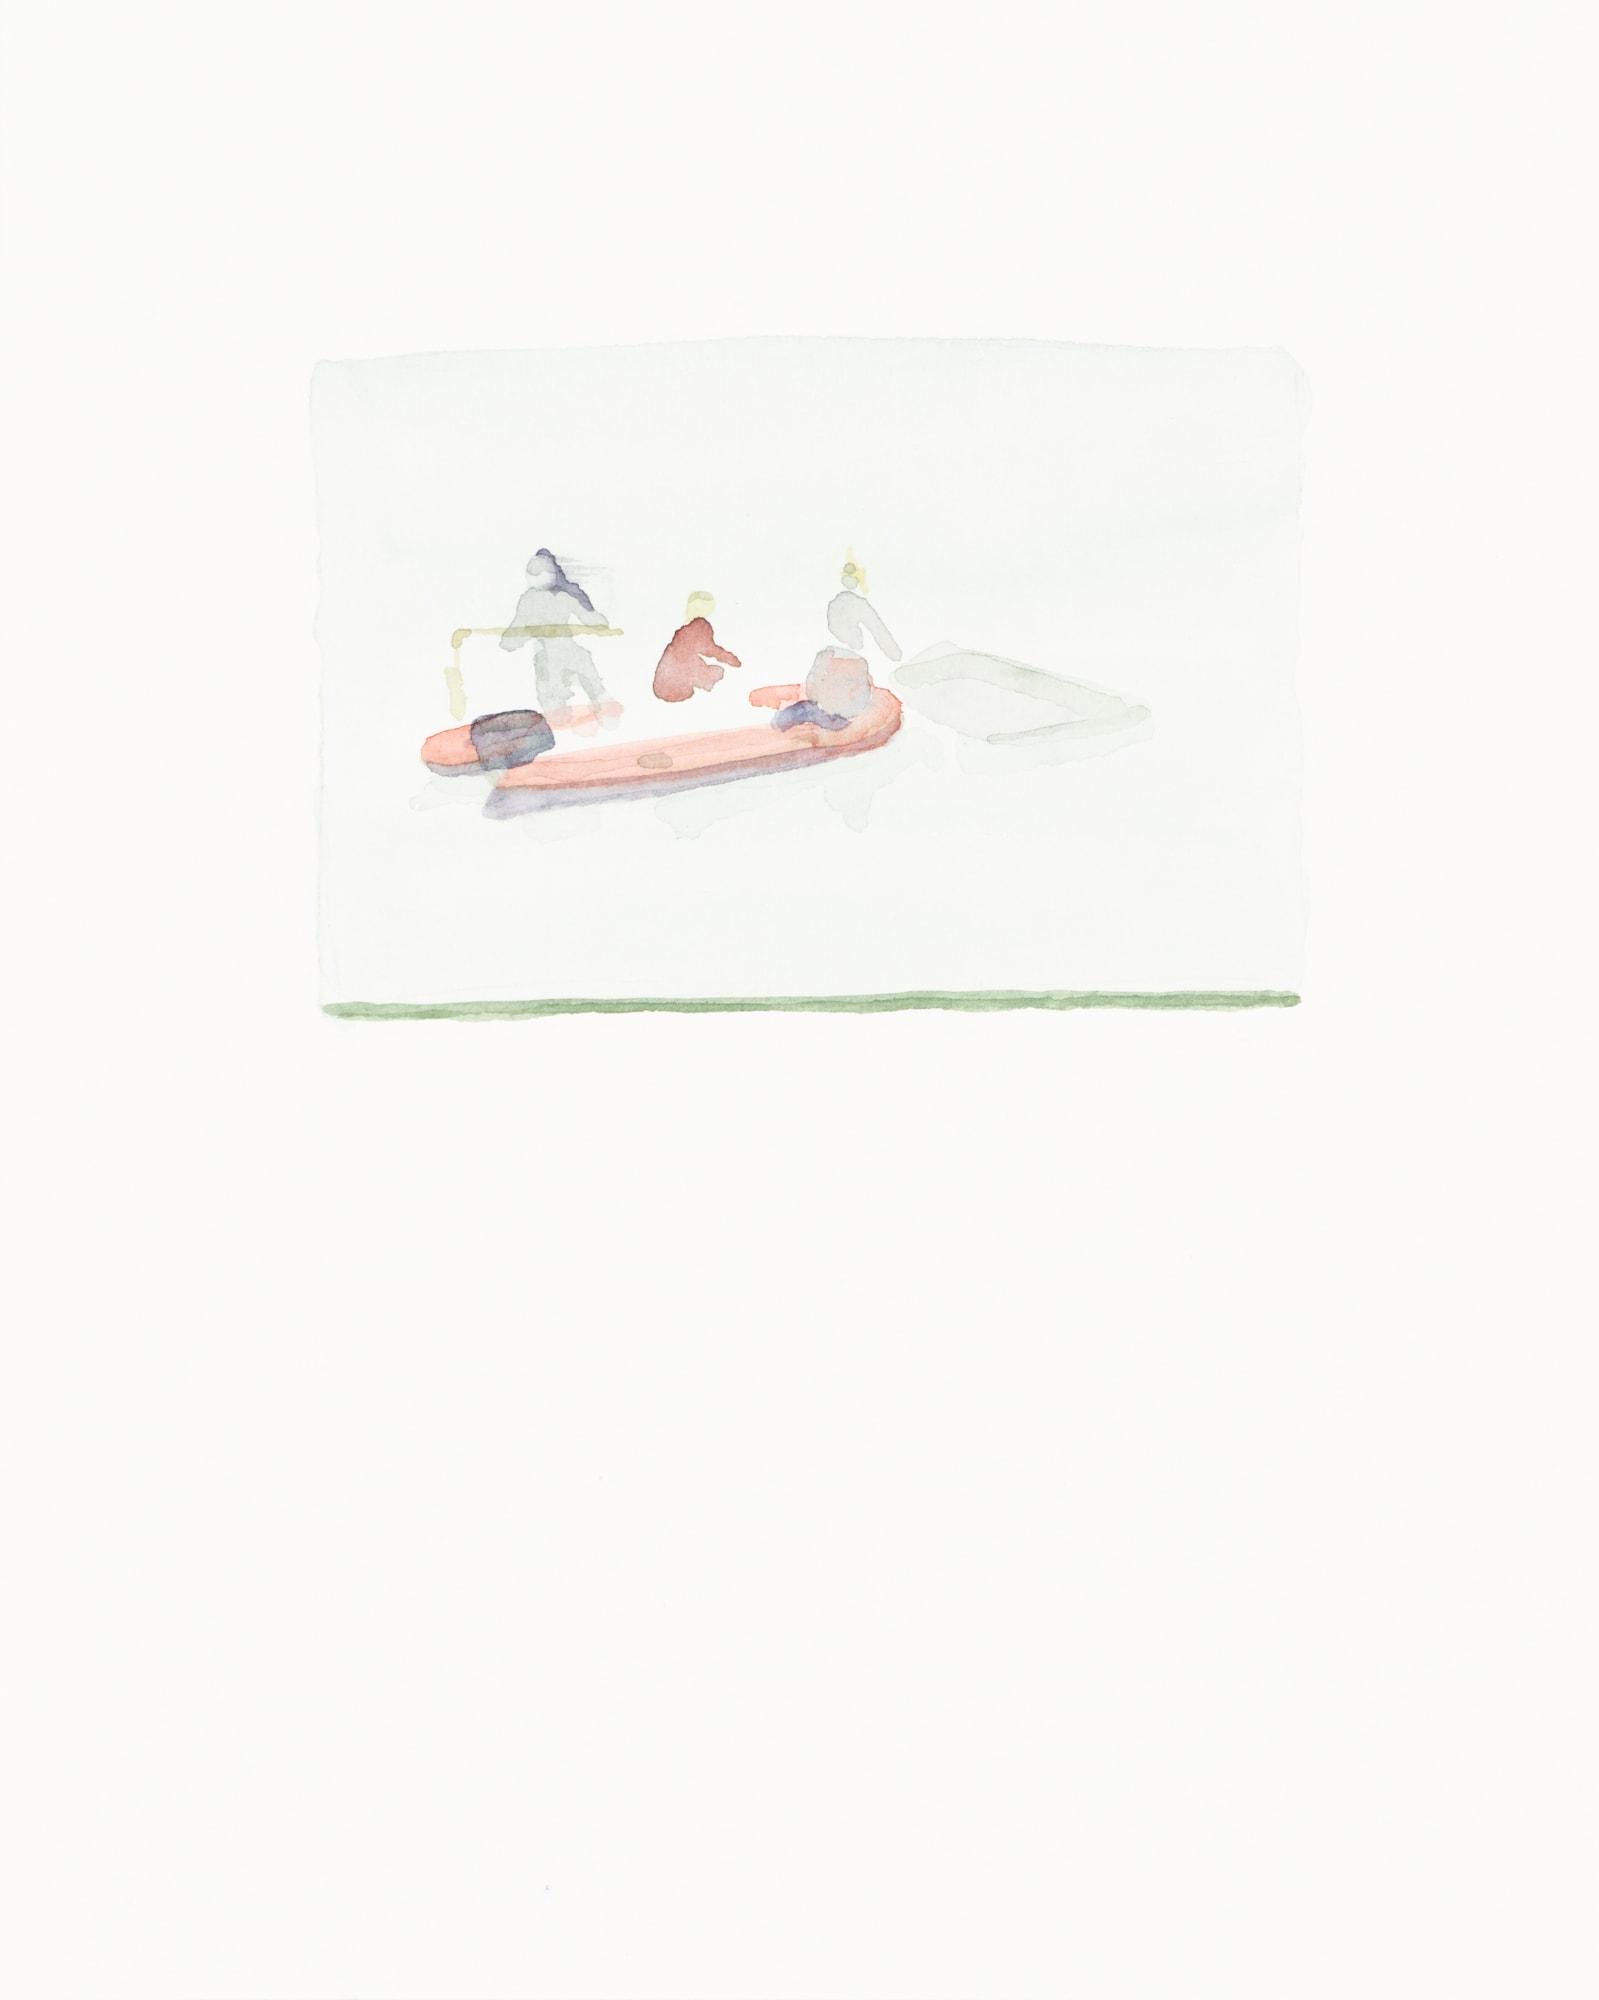 Zeichnung, Aquarell auf Papier, 24x30cm, Schlauchboot mit Personen, Künstlerin: Franziska King